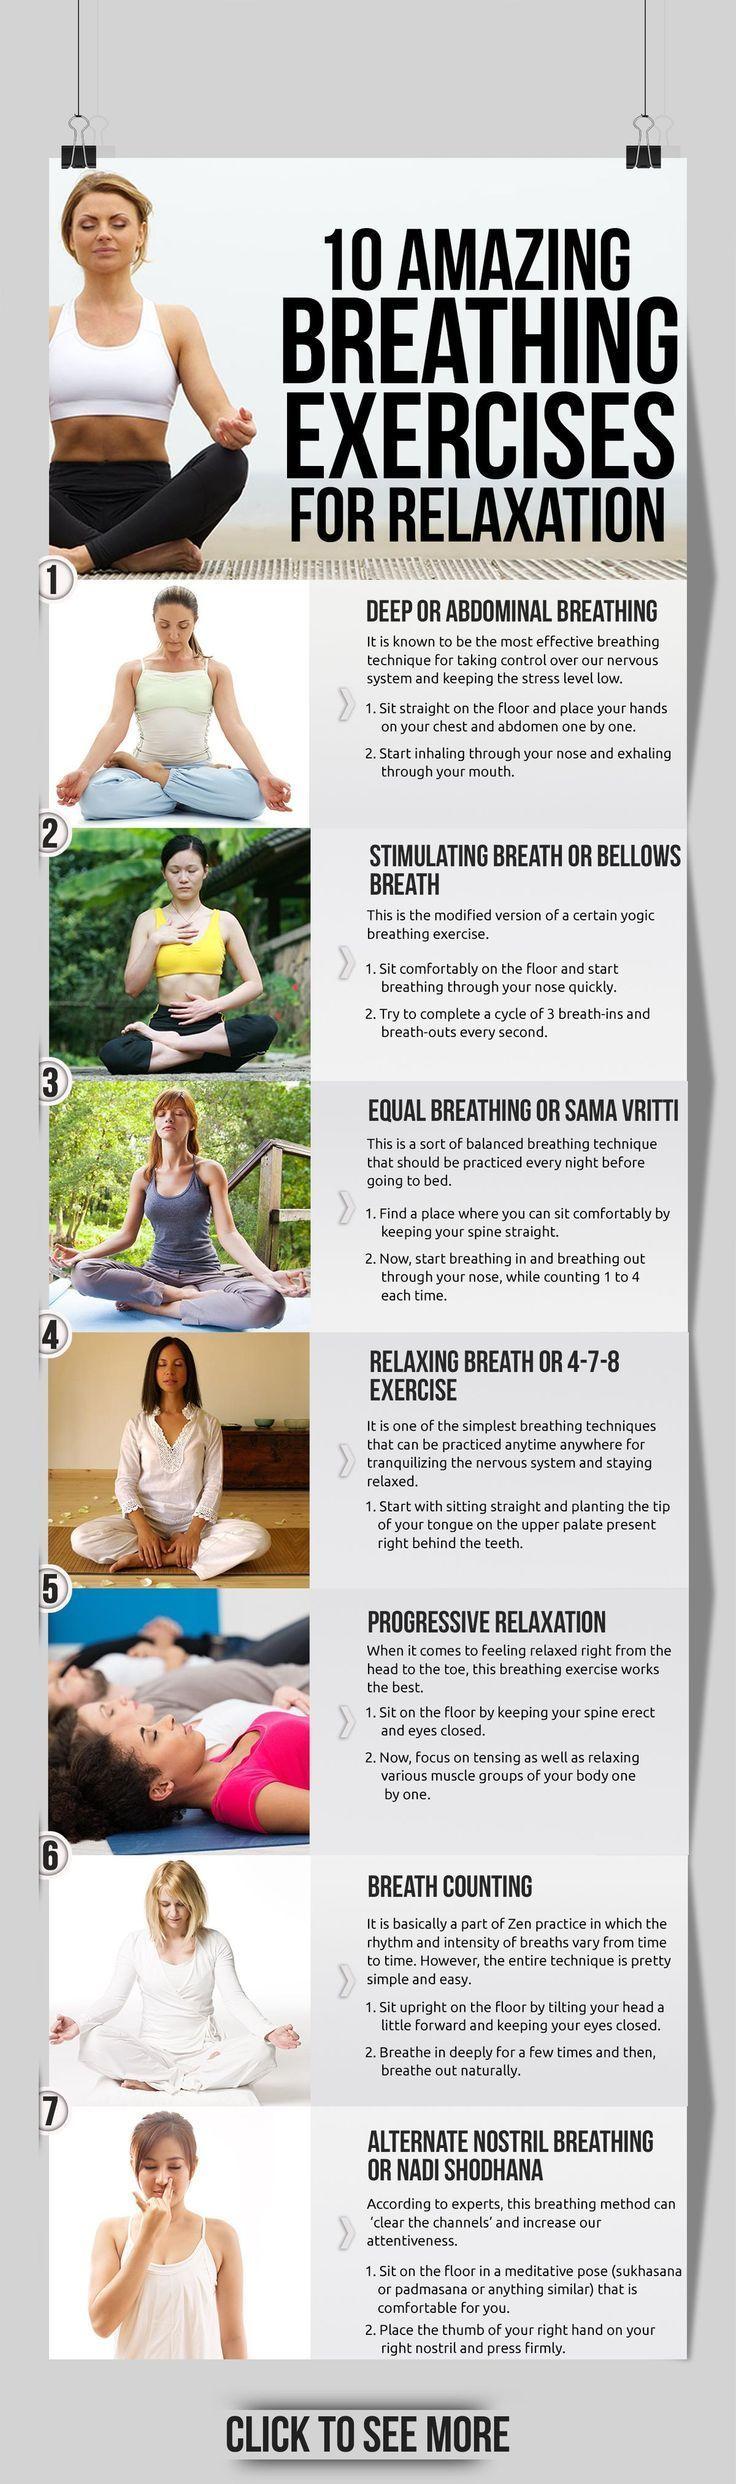 Exercice Du Yoga 10 Etonnants Exercices De Respiration Pour La Relaxation Dans De Telles Situations Les Exercices Health Exercise Breathing Exercises